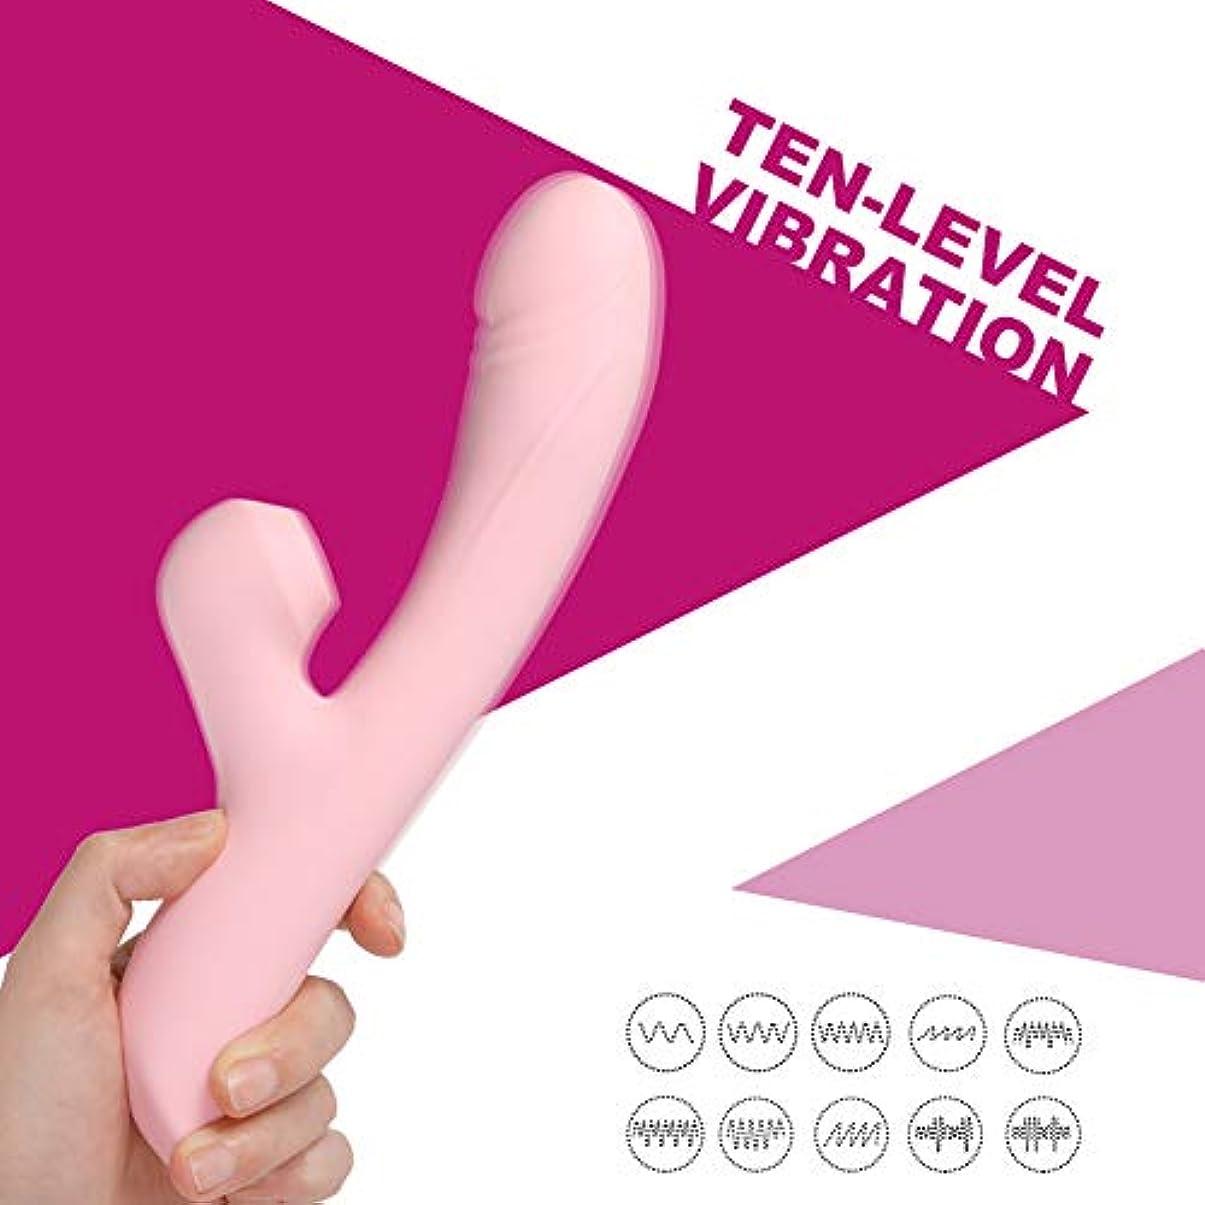 乱れ肖像画今オイル セルライト バイブレーターUSB充電式 AVマジック ワンドバイブレーター マッサージャー 大人のおもちゃ女性用 10スピード電動マッサージ器 42度加熱 自由に曲げられる (ピンク色)